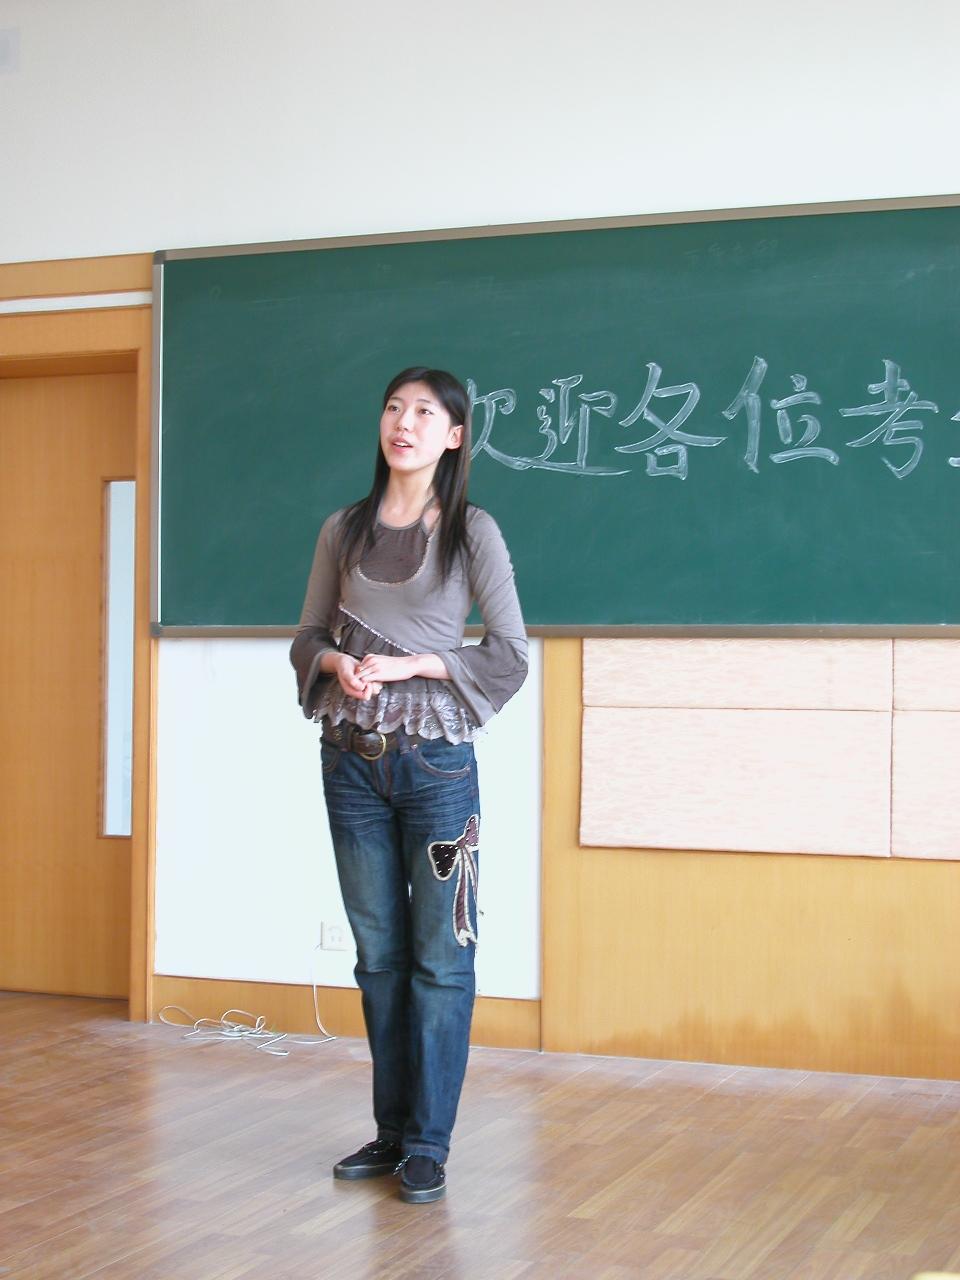 盘点:九大类最适合女生就读的本科专业